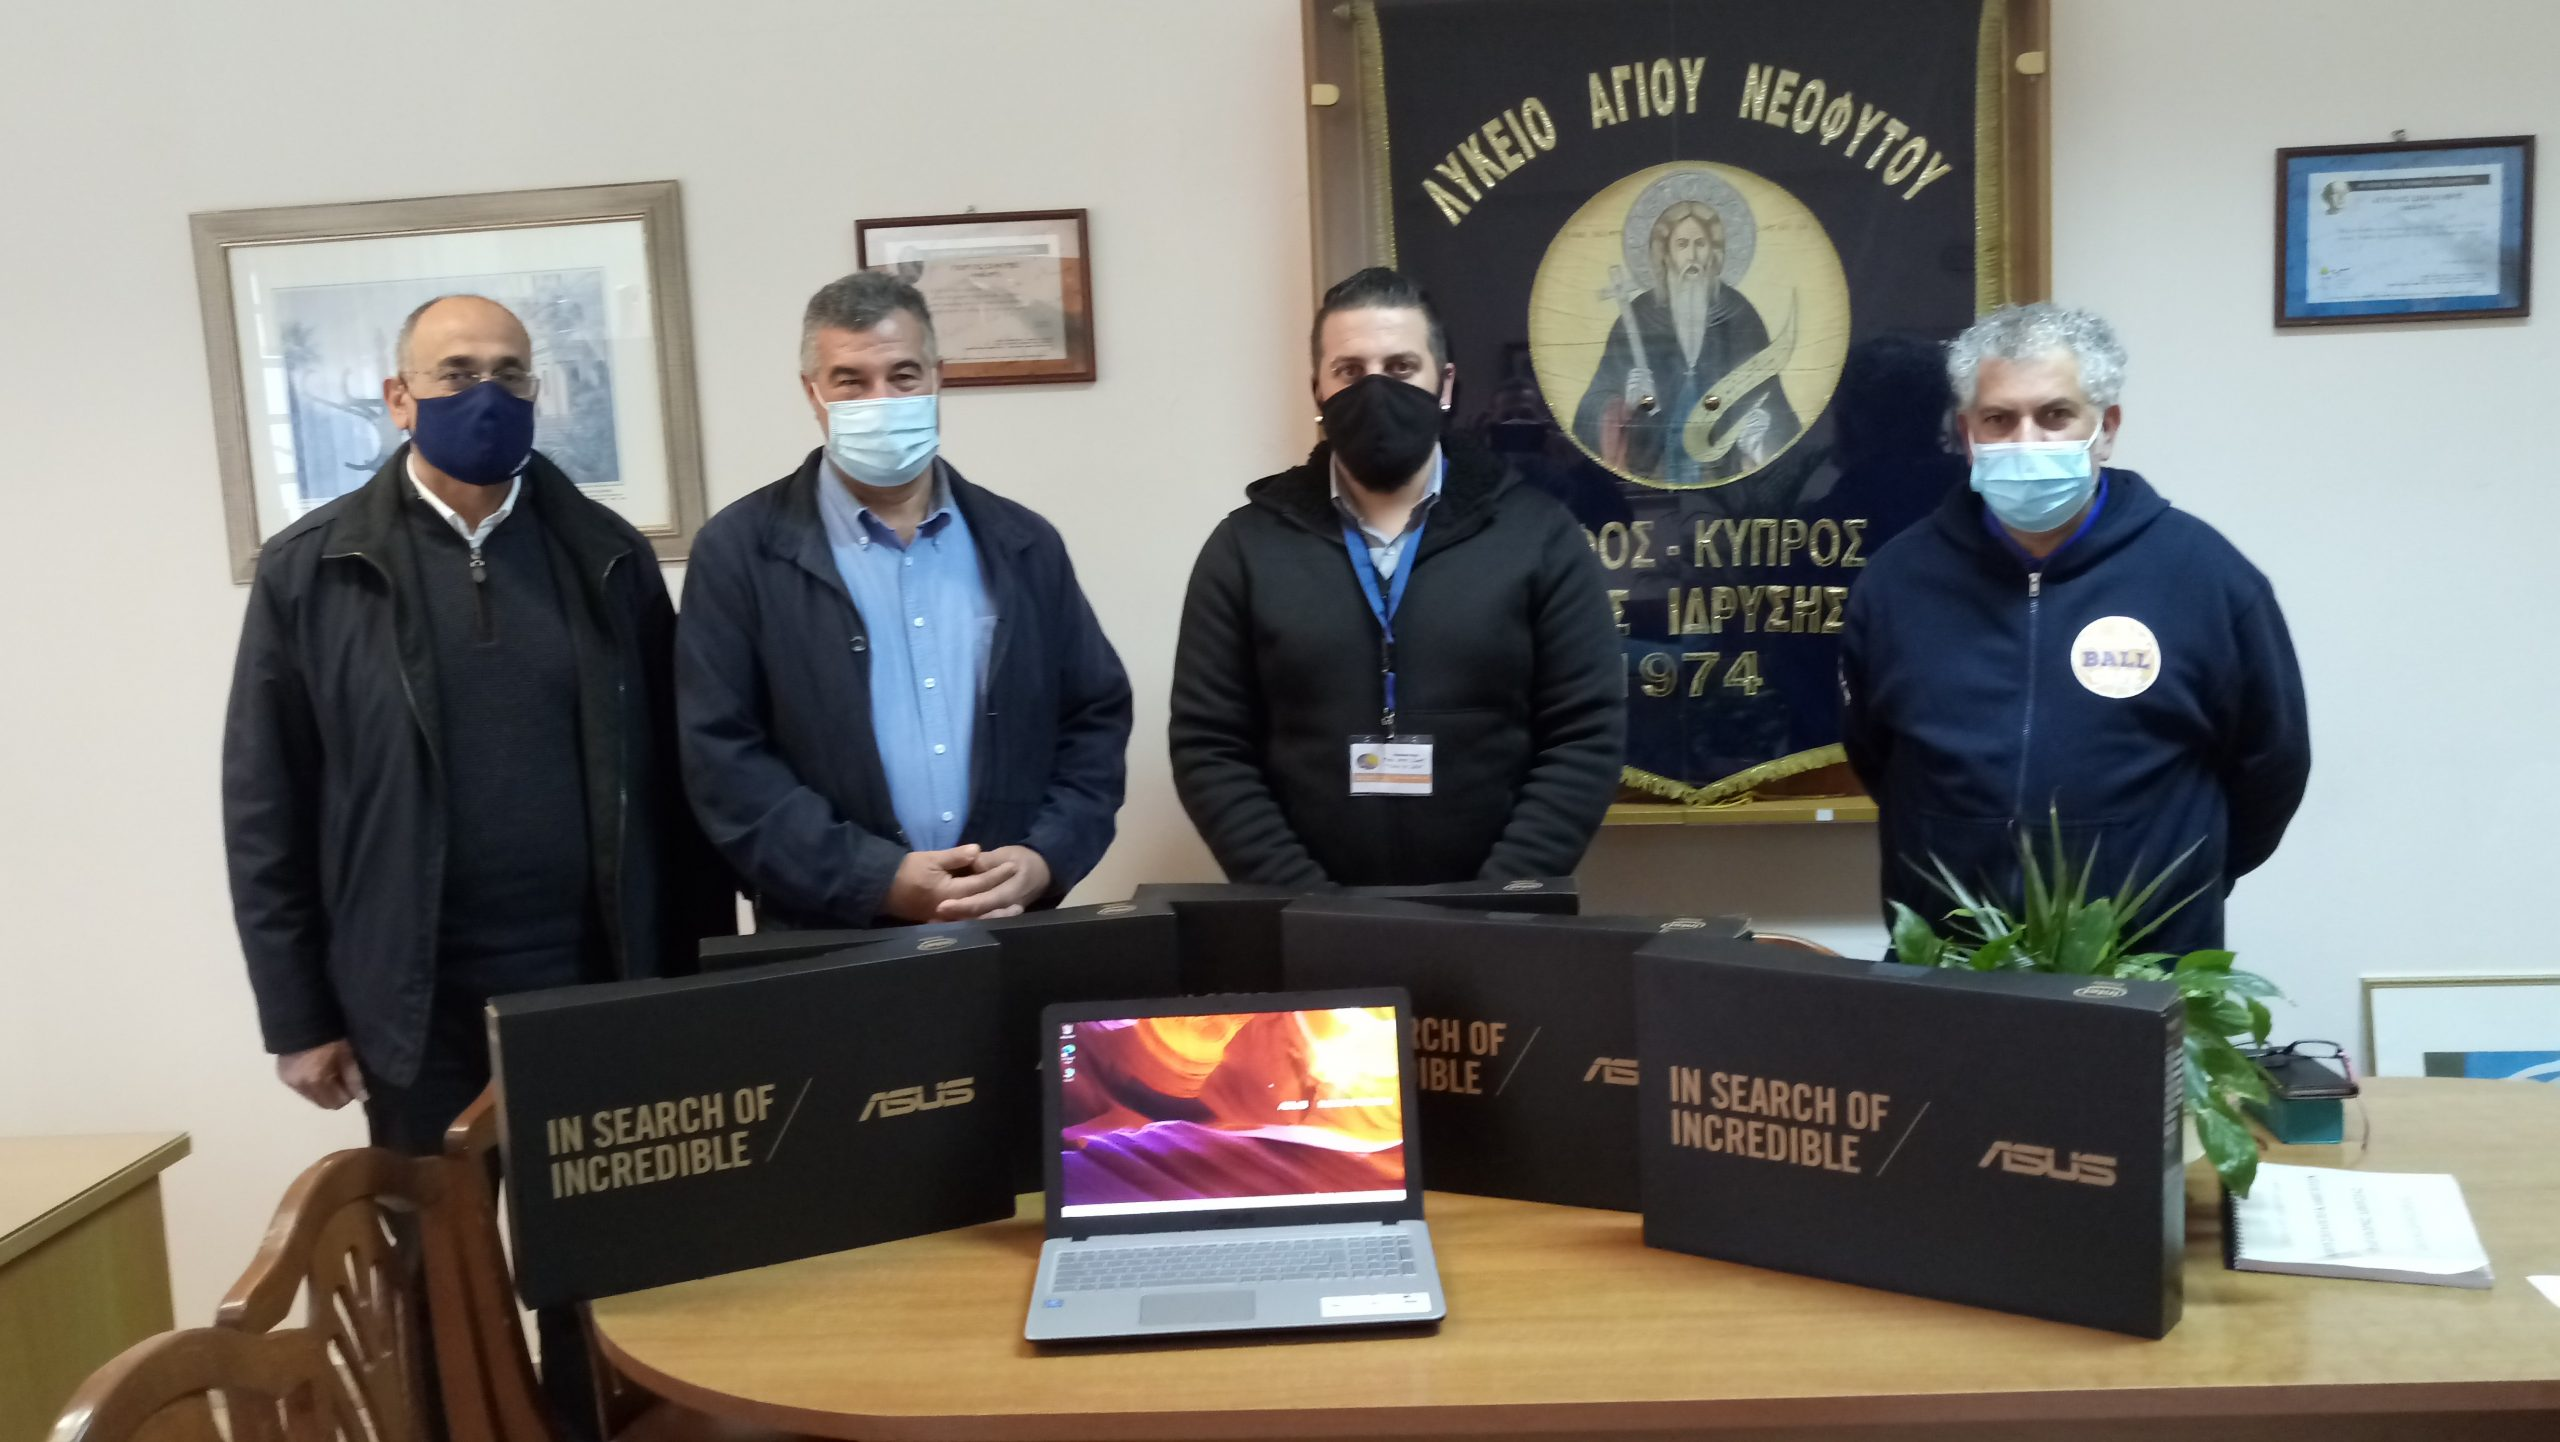 Δωρεά 5 Laptop στο Λύκειο Αγίου Νεοφύτου